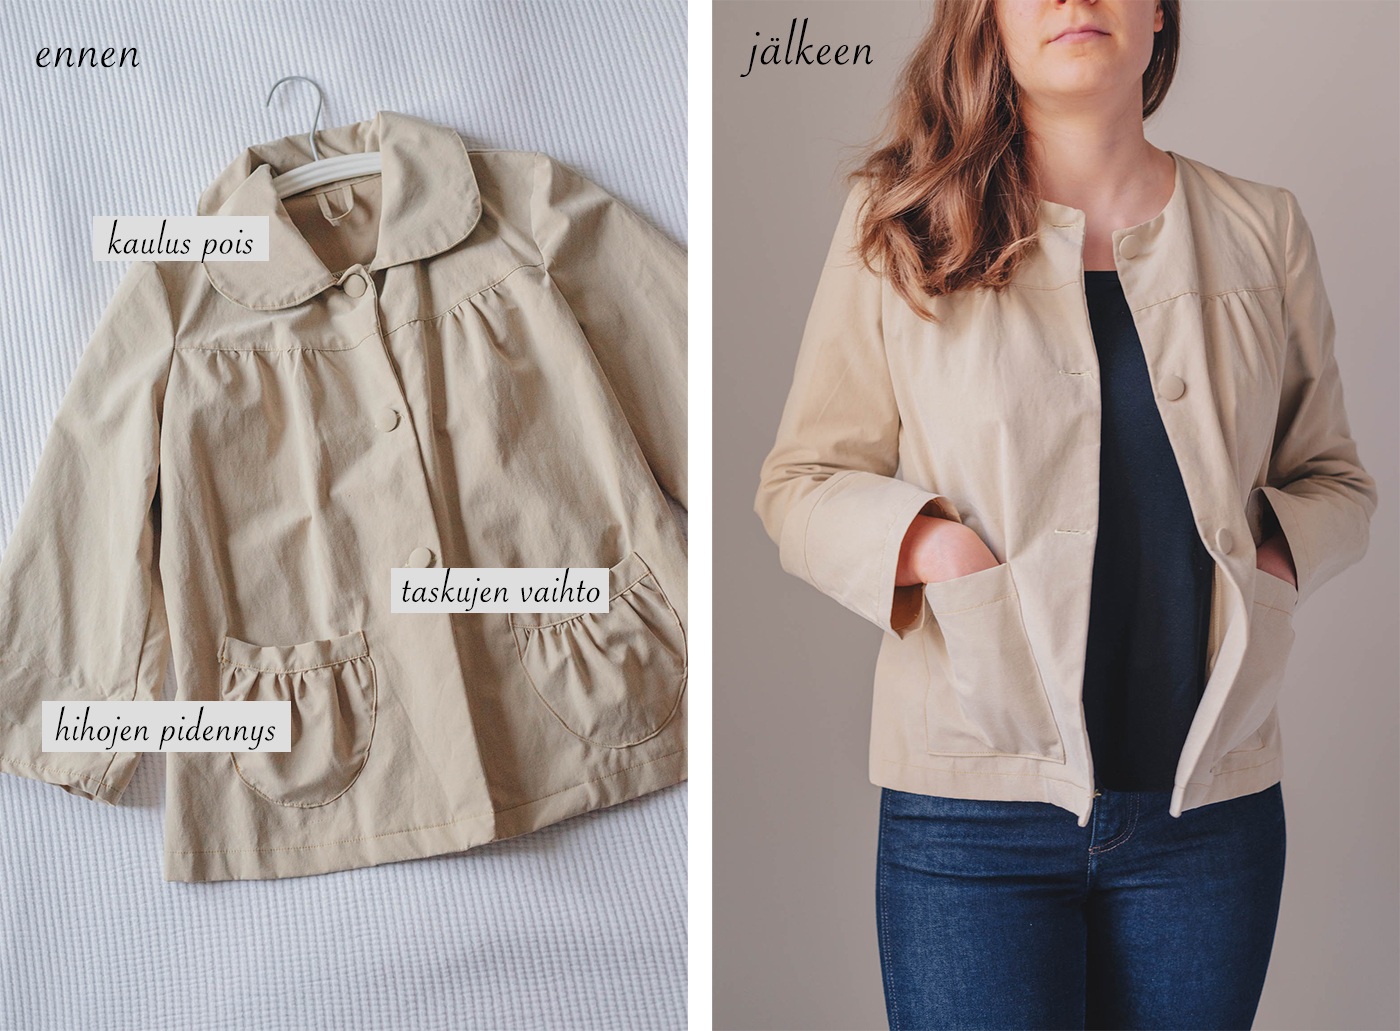 vaatteiden ompelu muokkaus vinkejä